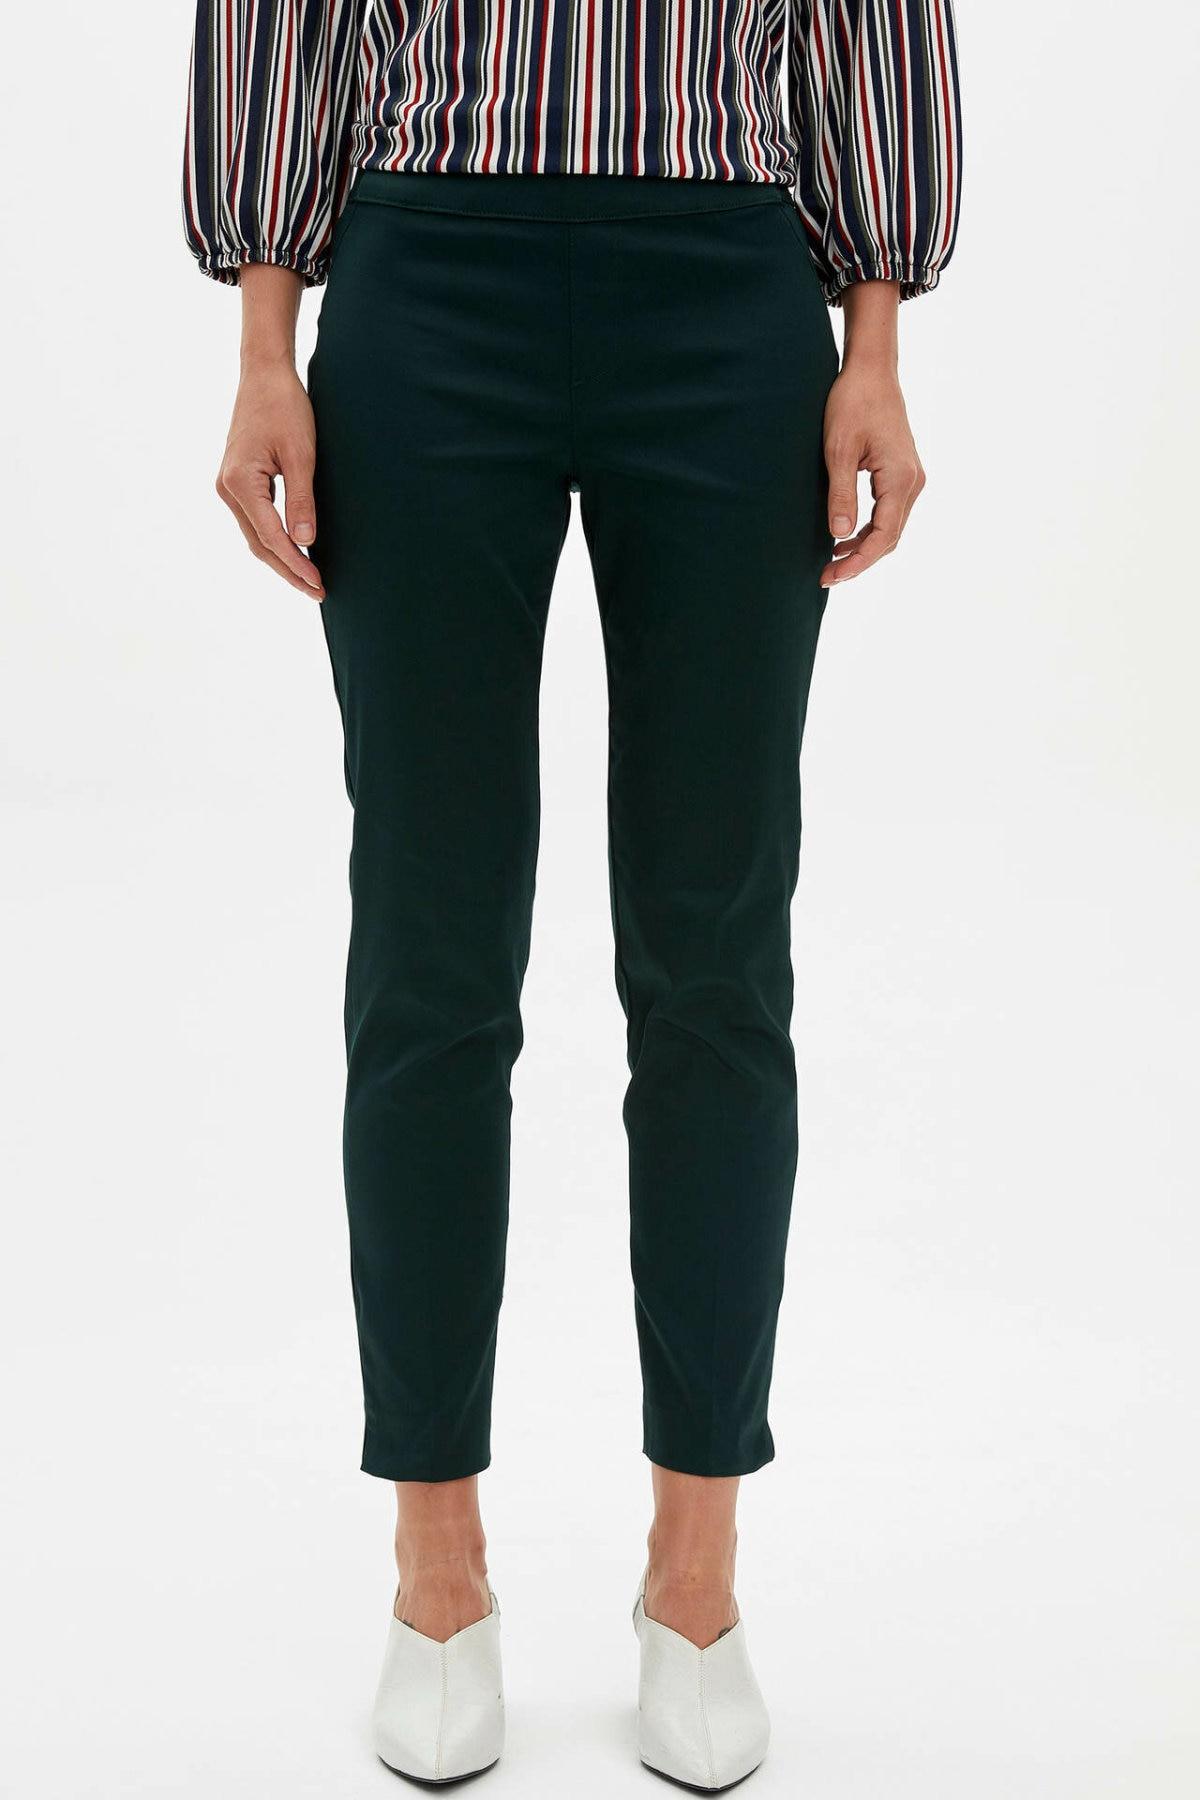 DeFacto Women Solid High Waist Pants Formal Elegant Soft Pants For Ladies Casual Business Trousers Female - J8743AZ19AU